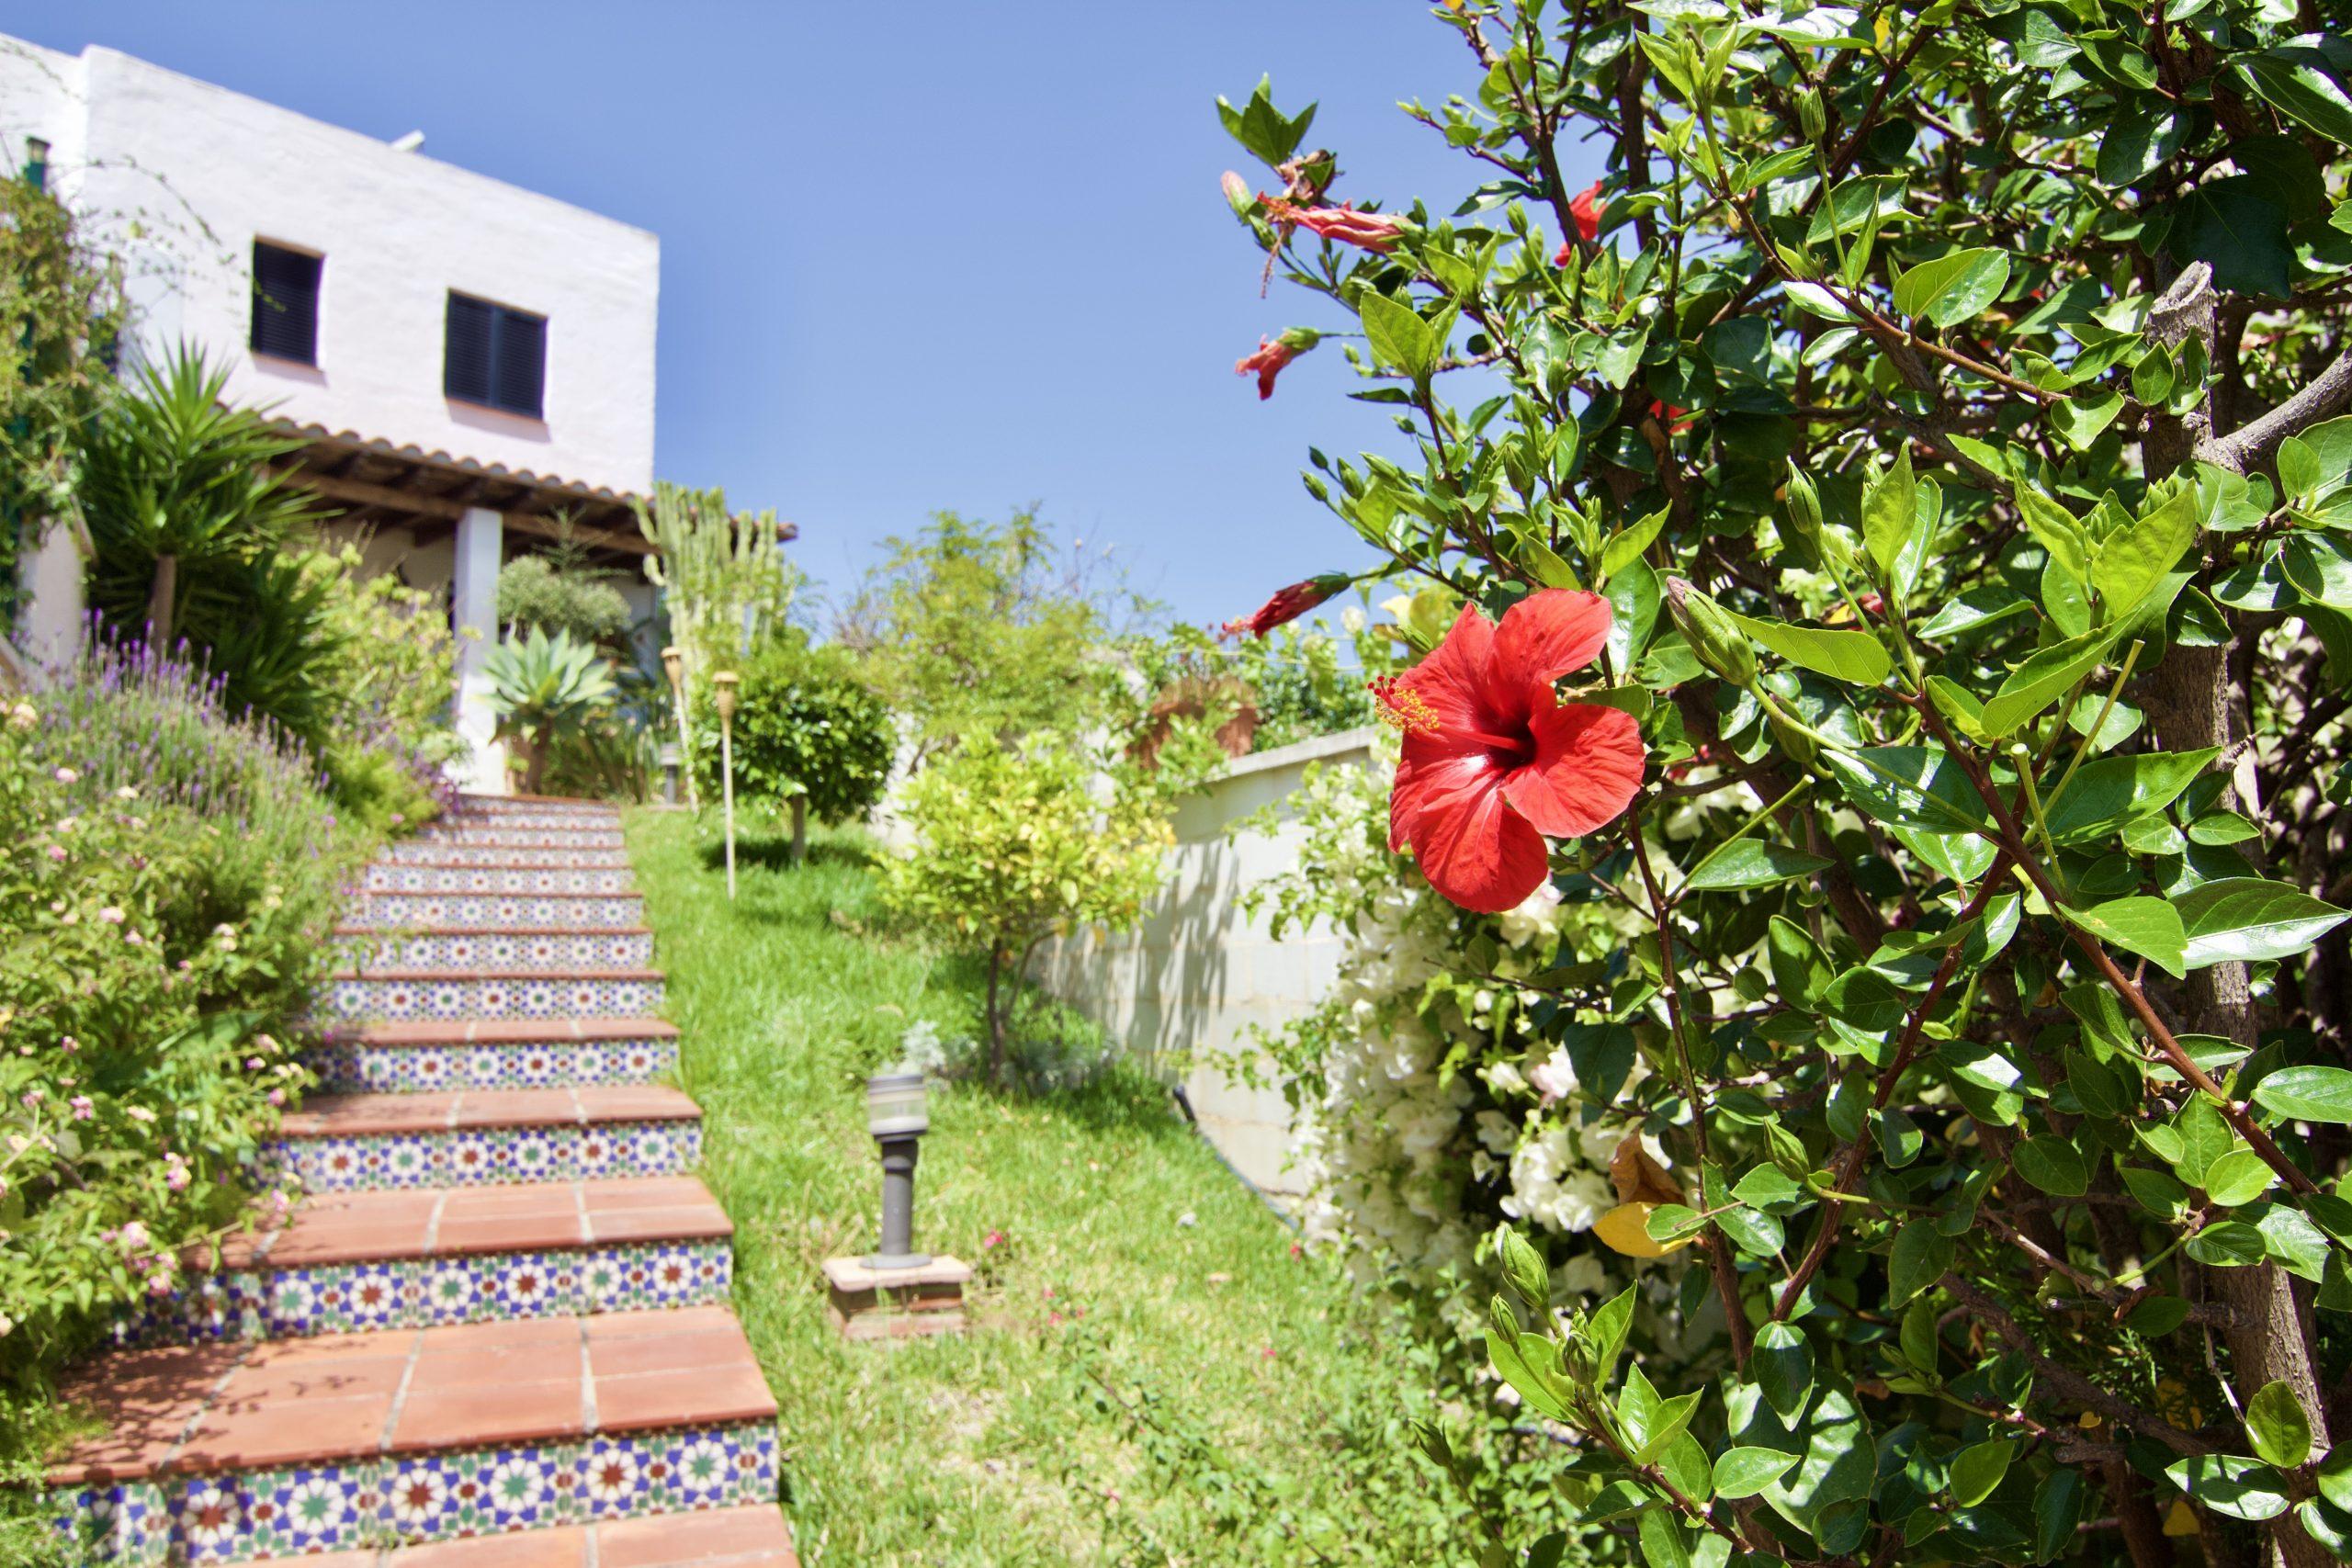 Venta de casa pareada en Benalmádena Costa, zona de Torrequebrada.muy buenas vistas al mar